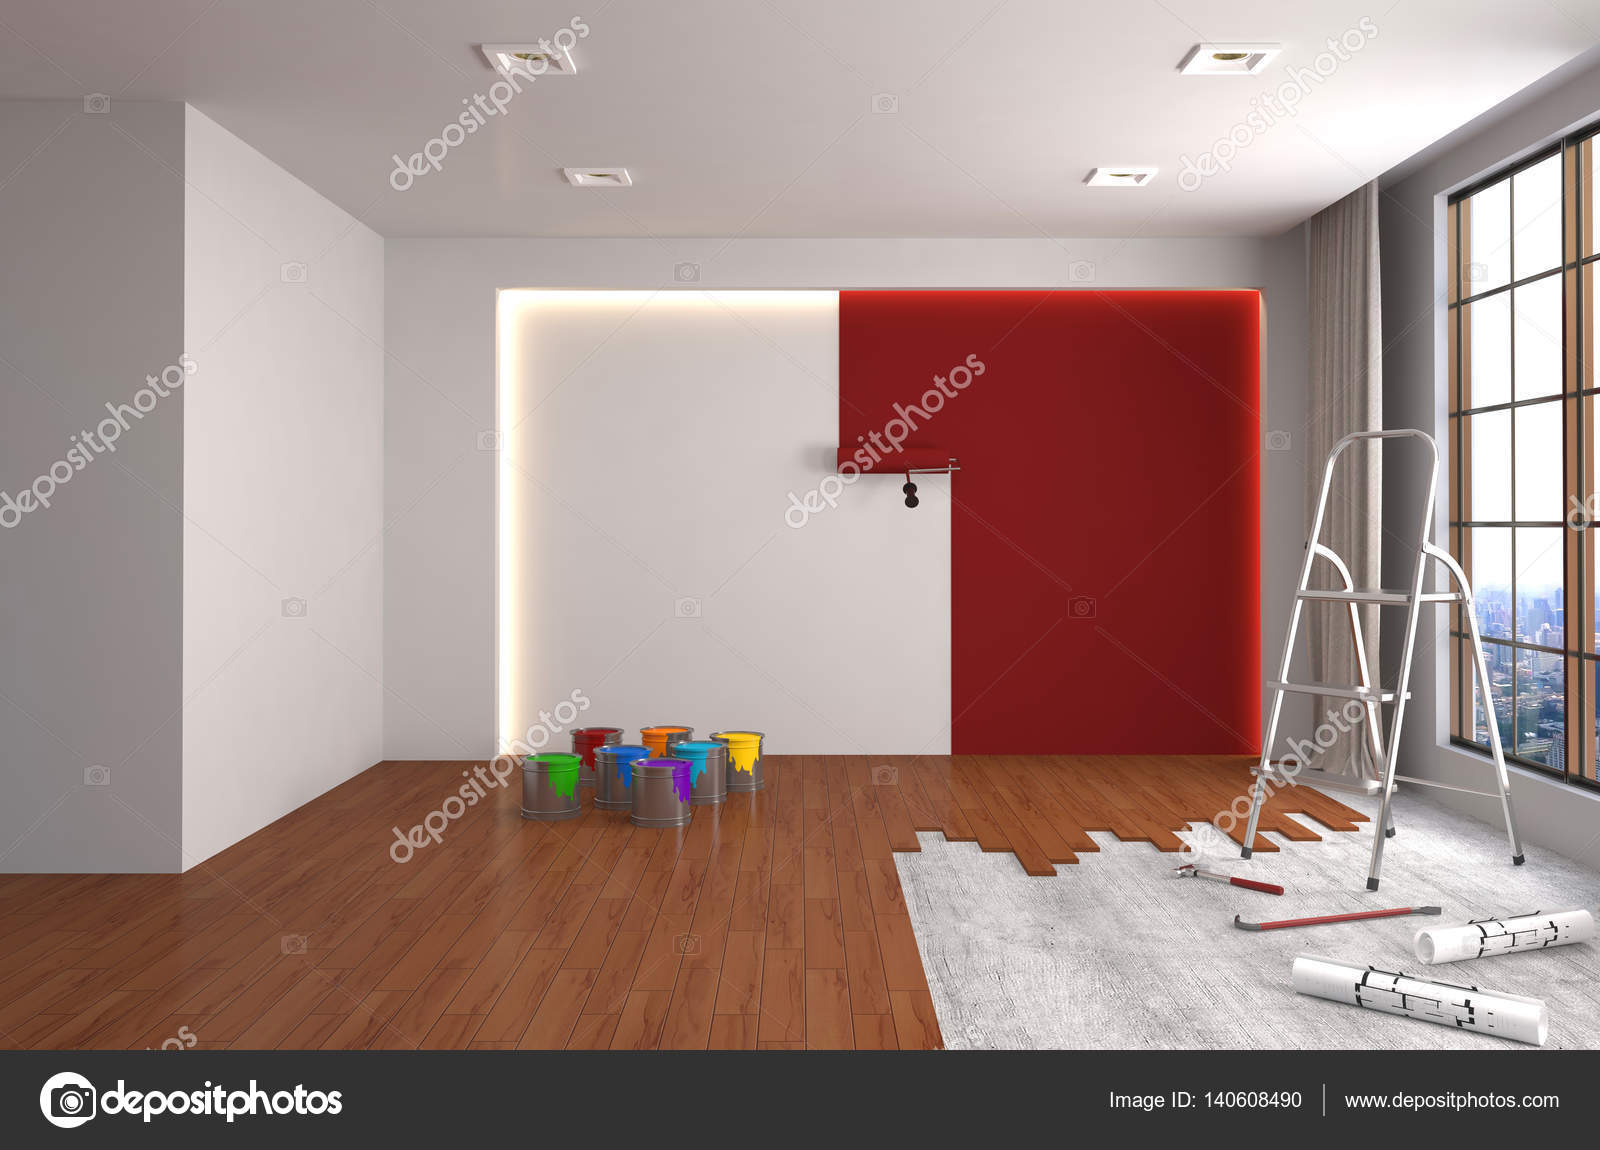 Reparação E Pintura Das Paredes Do Quarto Ilustração 3d Stock